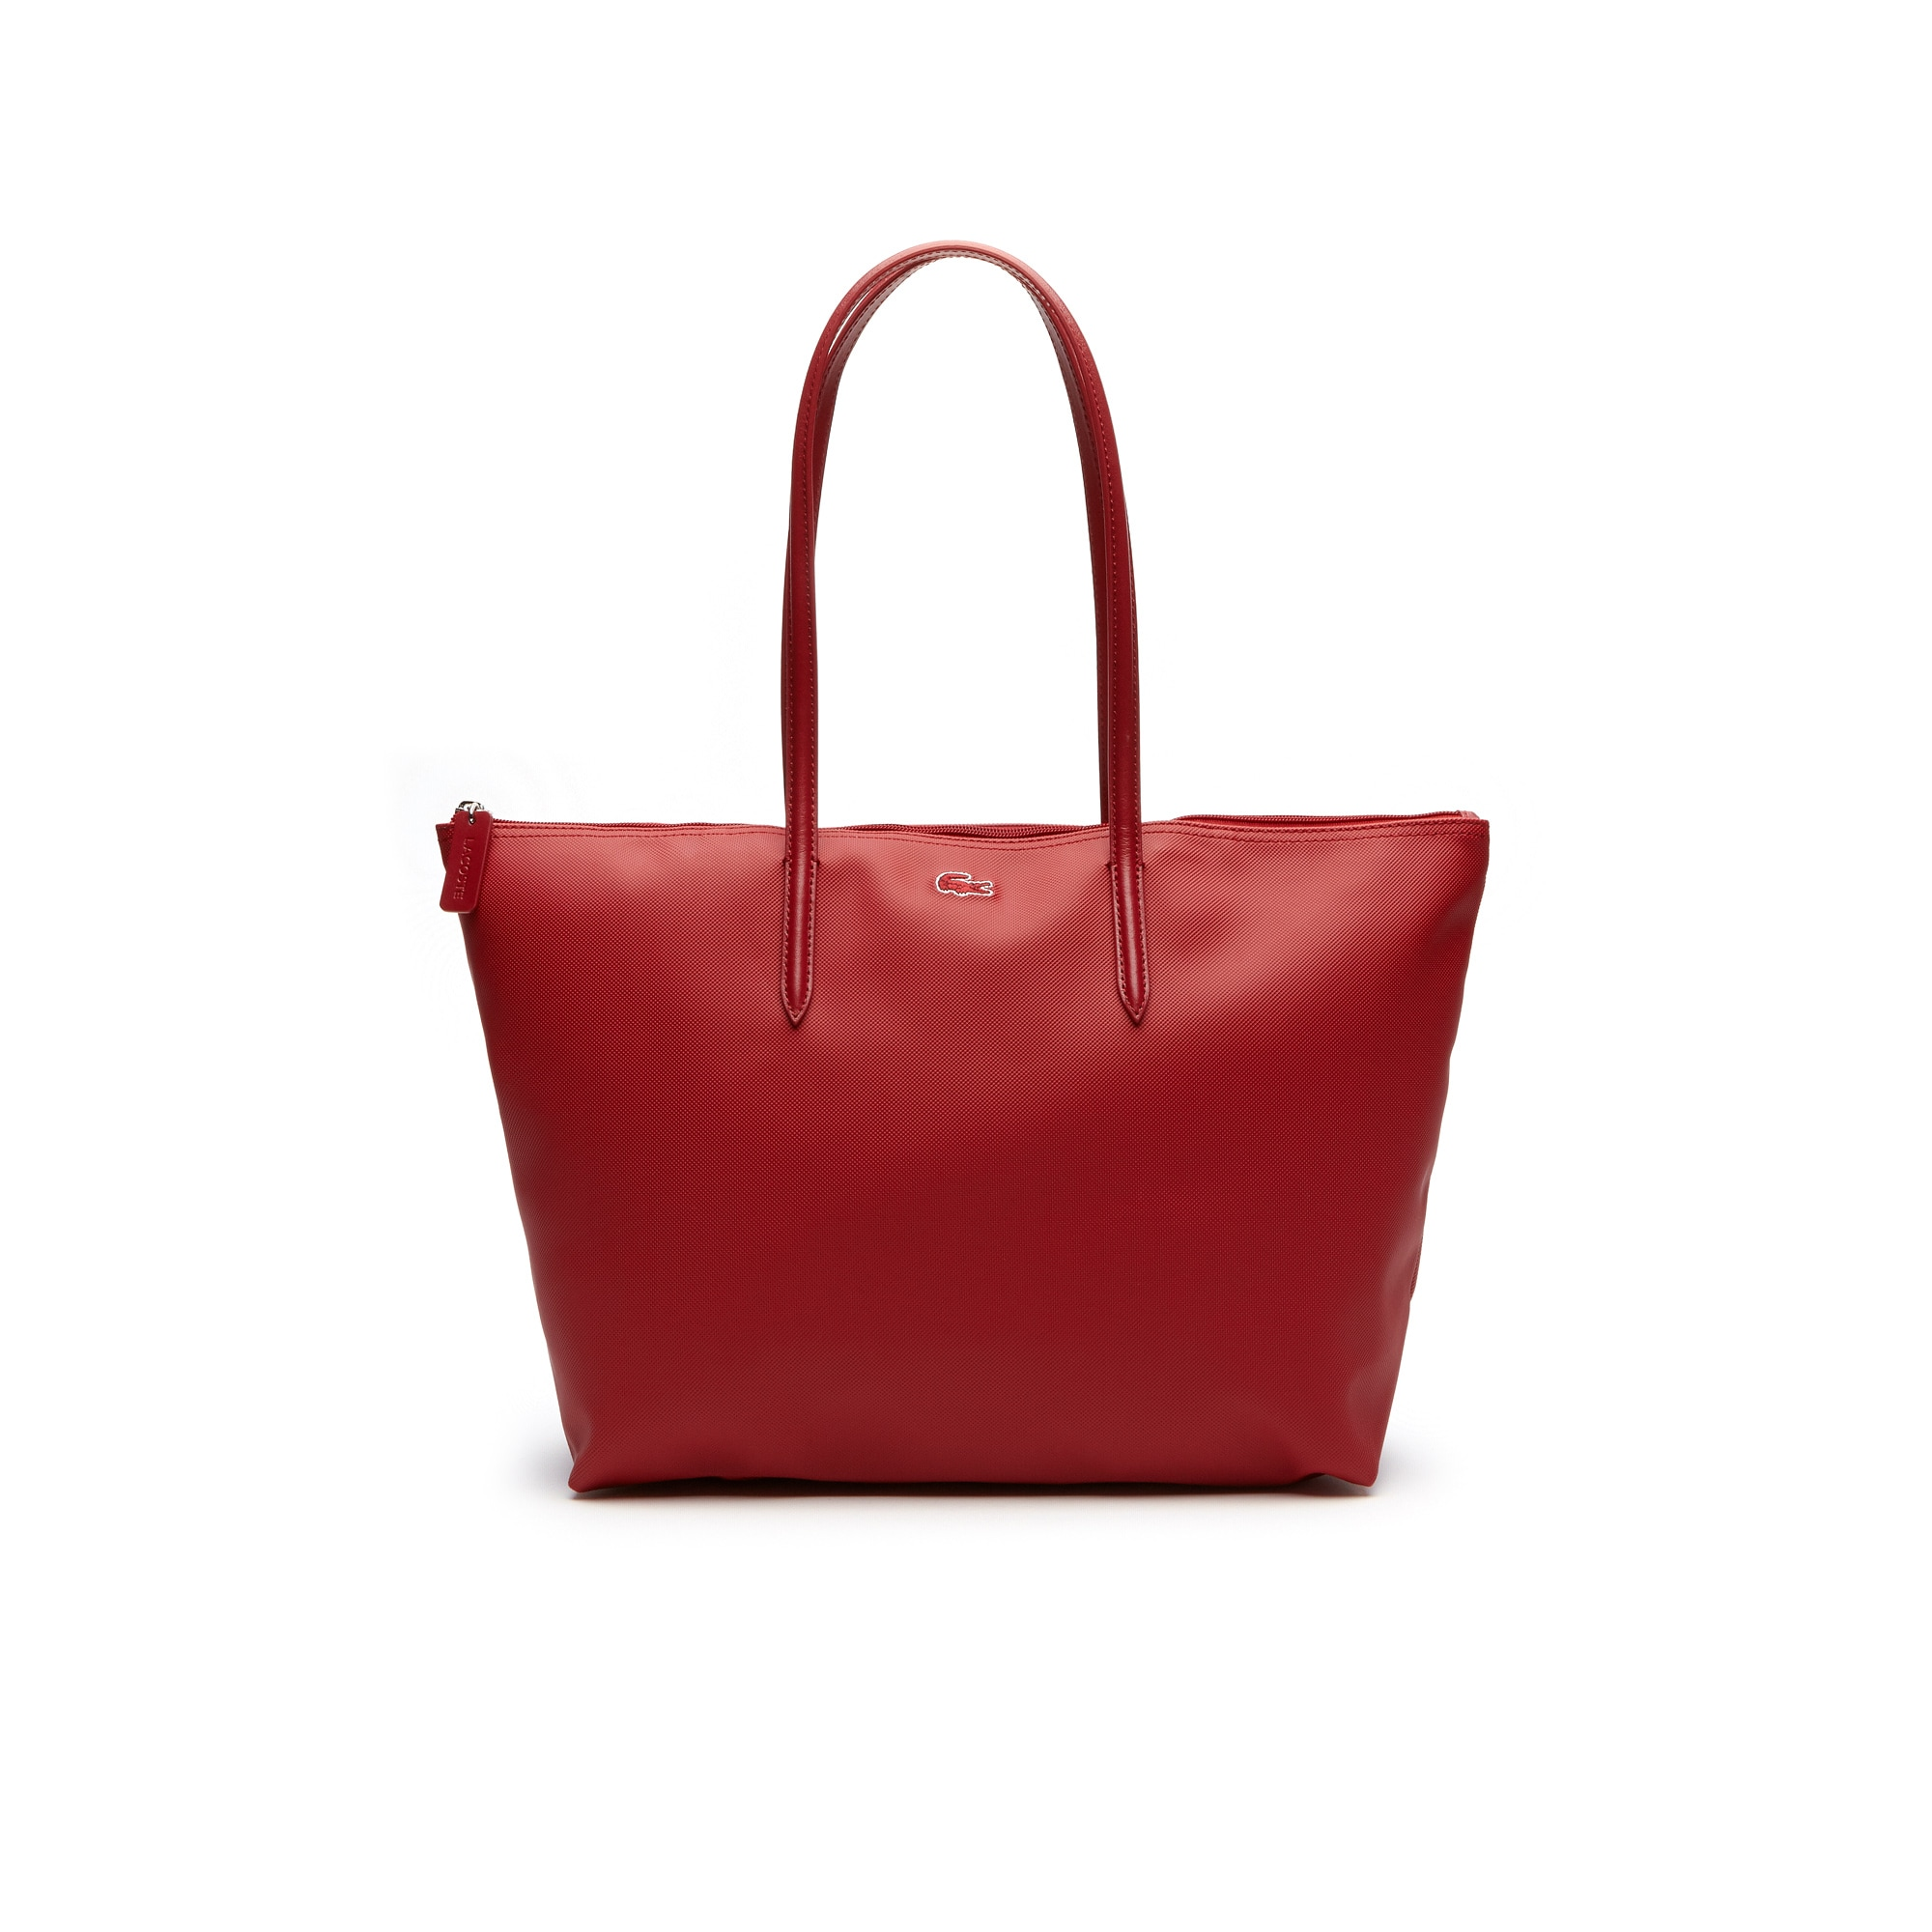 Damen L.12.12 Concept Tote Bag mit Reißverschluss